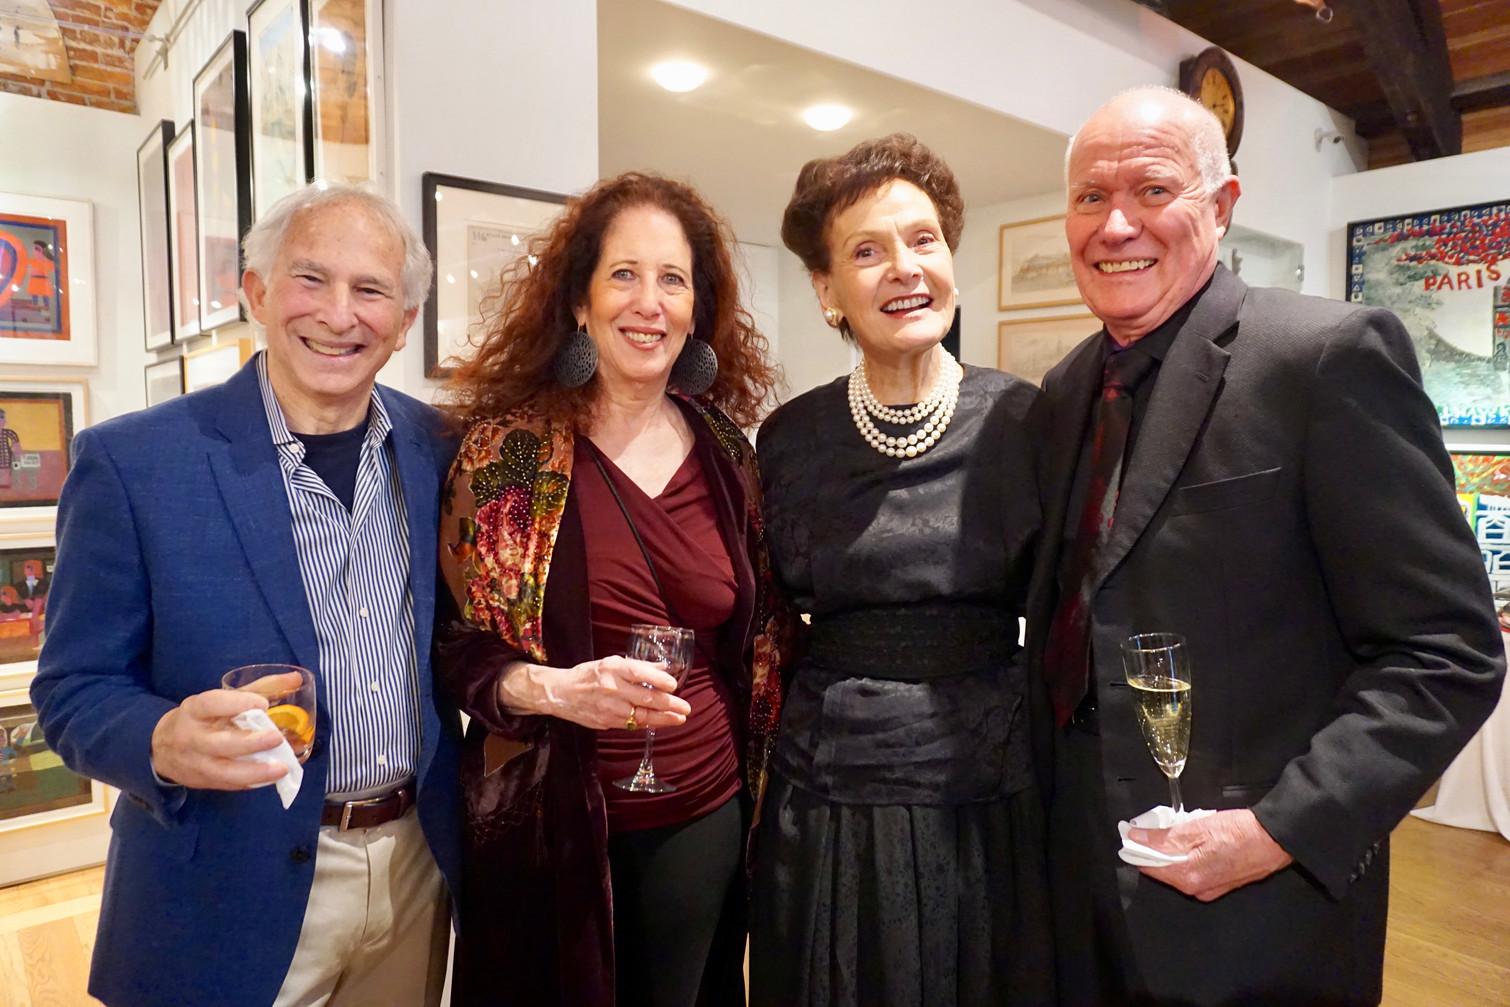 Michael Coleman, Ellen Singer Coleman, Barbara Tiffany, Robert Tiffany